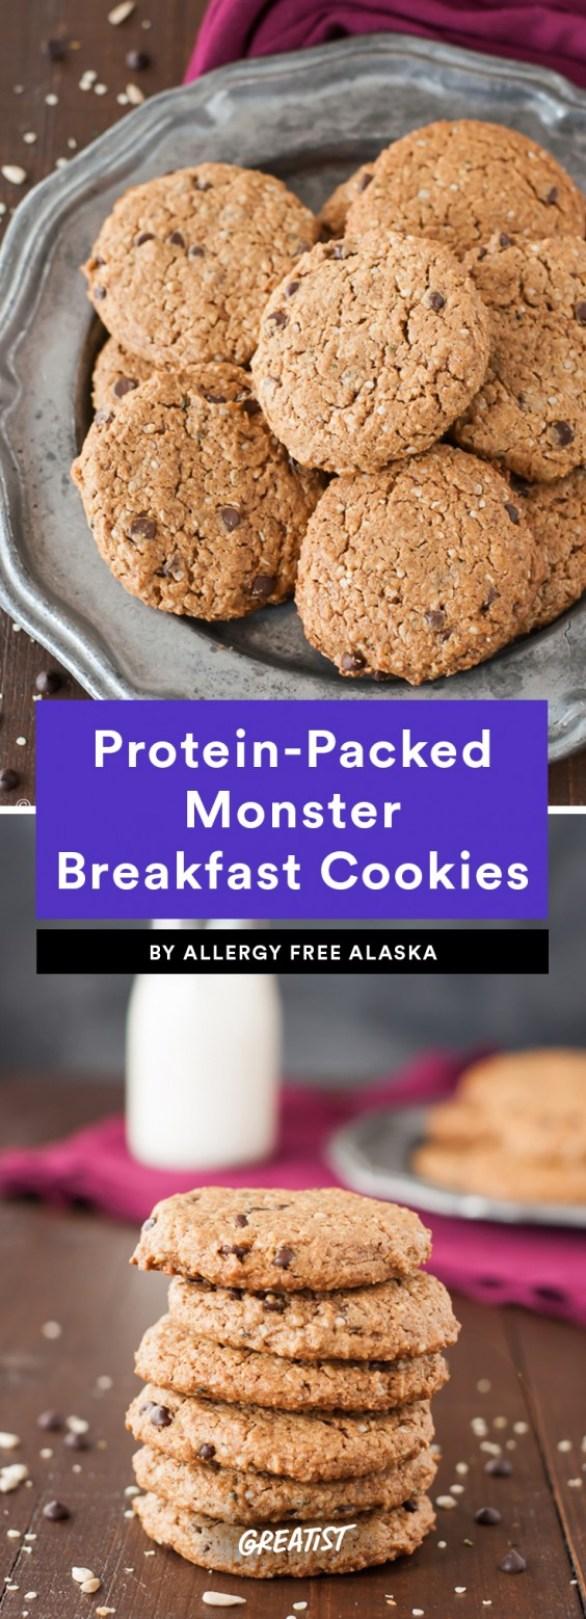 Protein-Packed Monster Breakfast Cookies